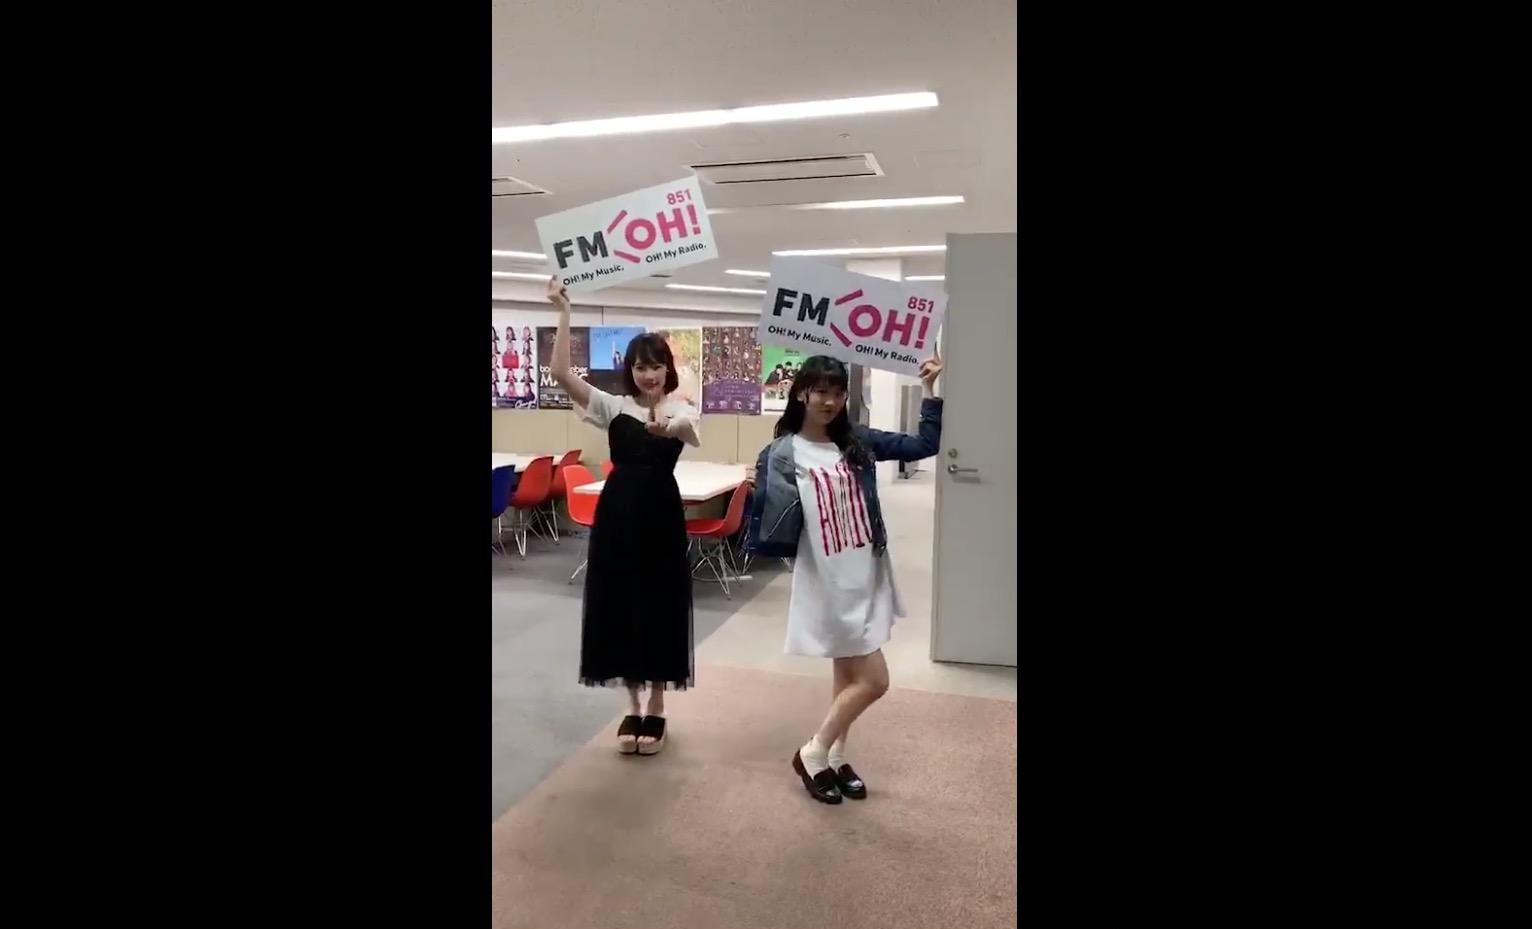 【大段舞依/安田桃寧】kawaii選手権 エントリーNo.1・まいち、エントリーNo.2・ももね。投票受付中